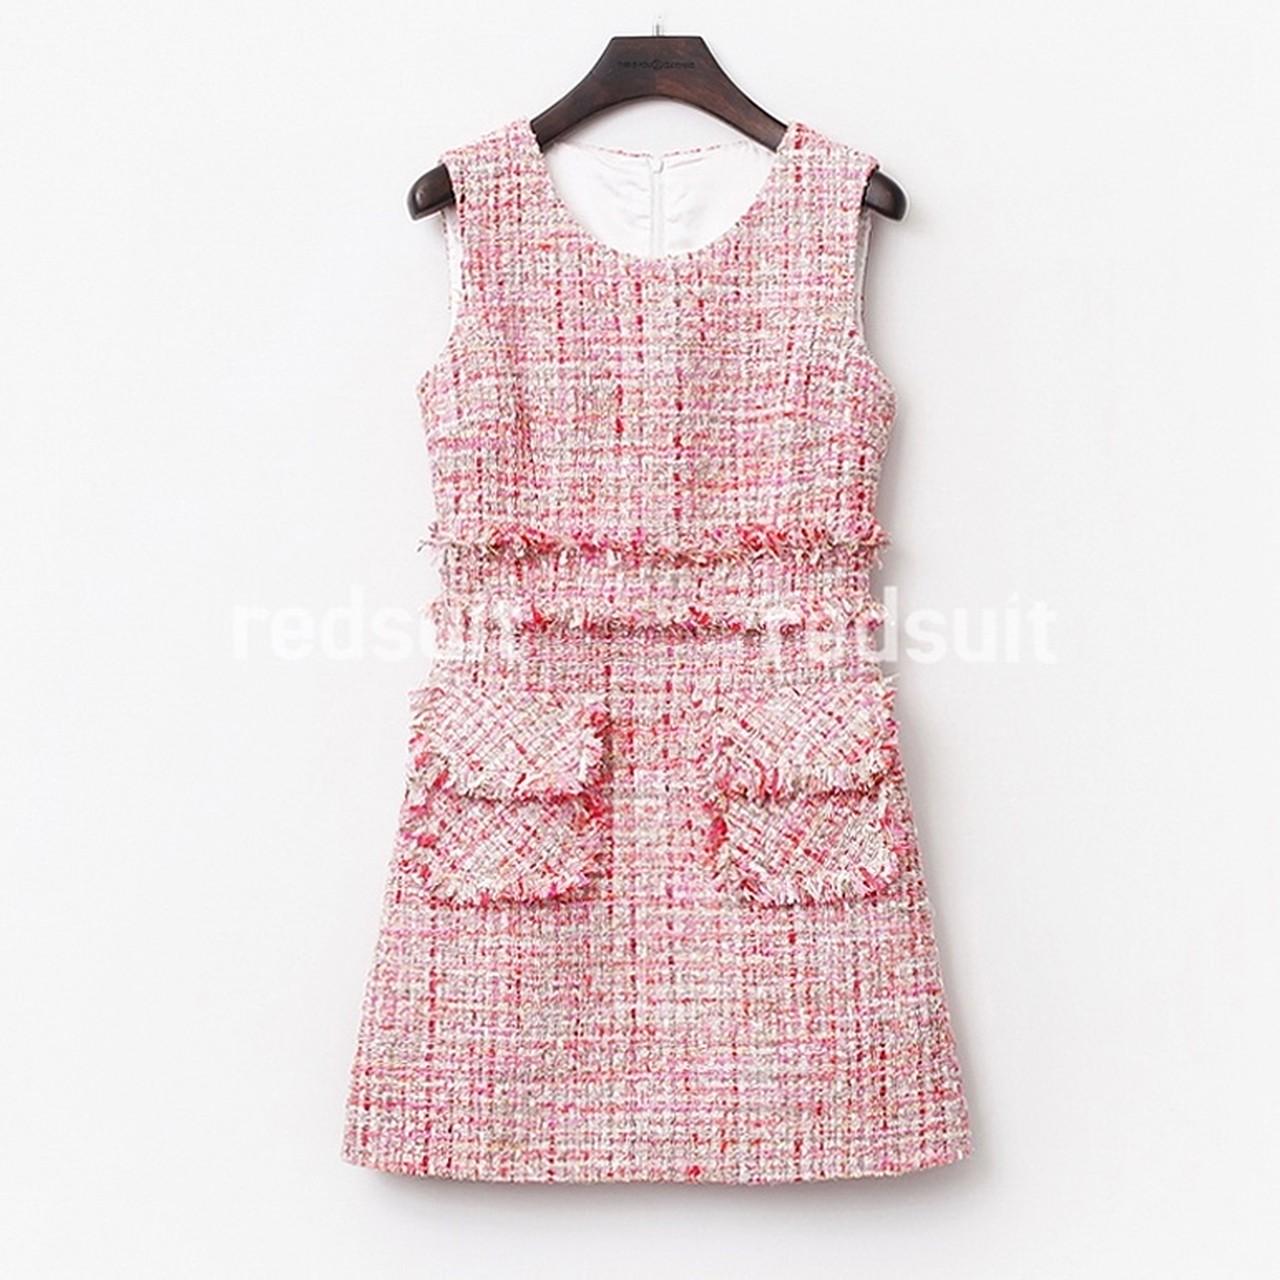 【再入荷】フロントポケットツイードワンピース Pink